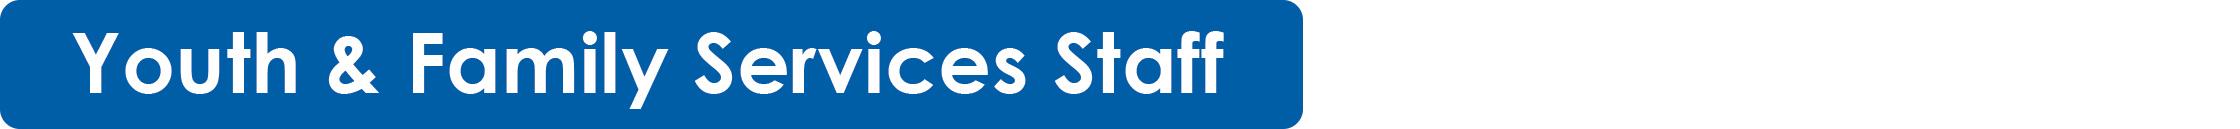 Y&FS staff bar 4.0.jpg